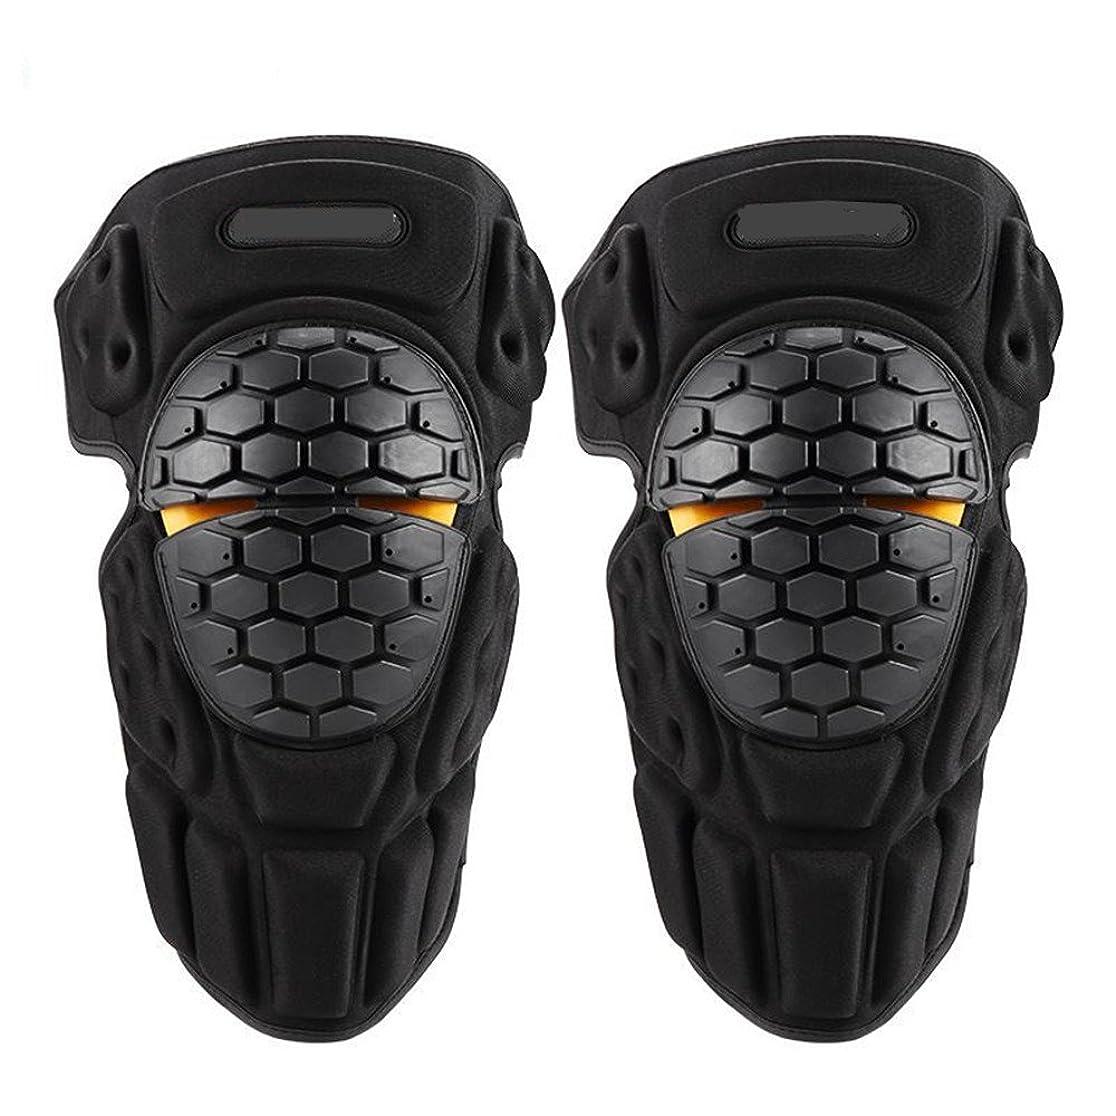 肉失効回想スケートニーパッド大人の通気性の調節可能なアラミド繊維モトクロスマウンテンバイクサイクリングスケートボード 花火アウトドア必需品